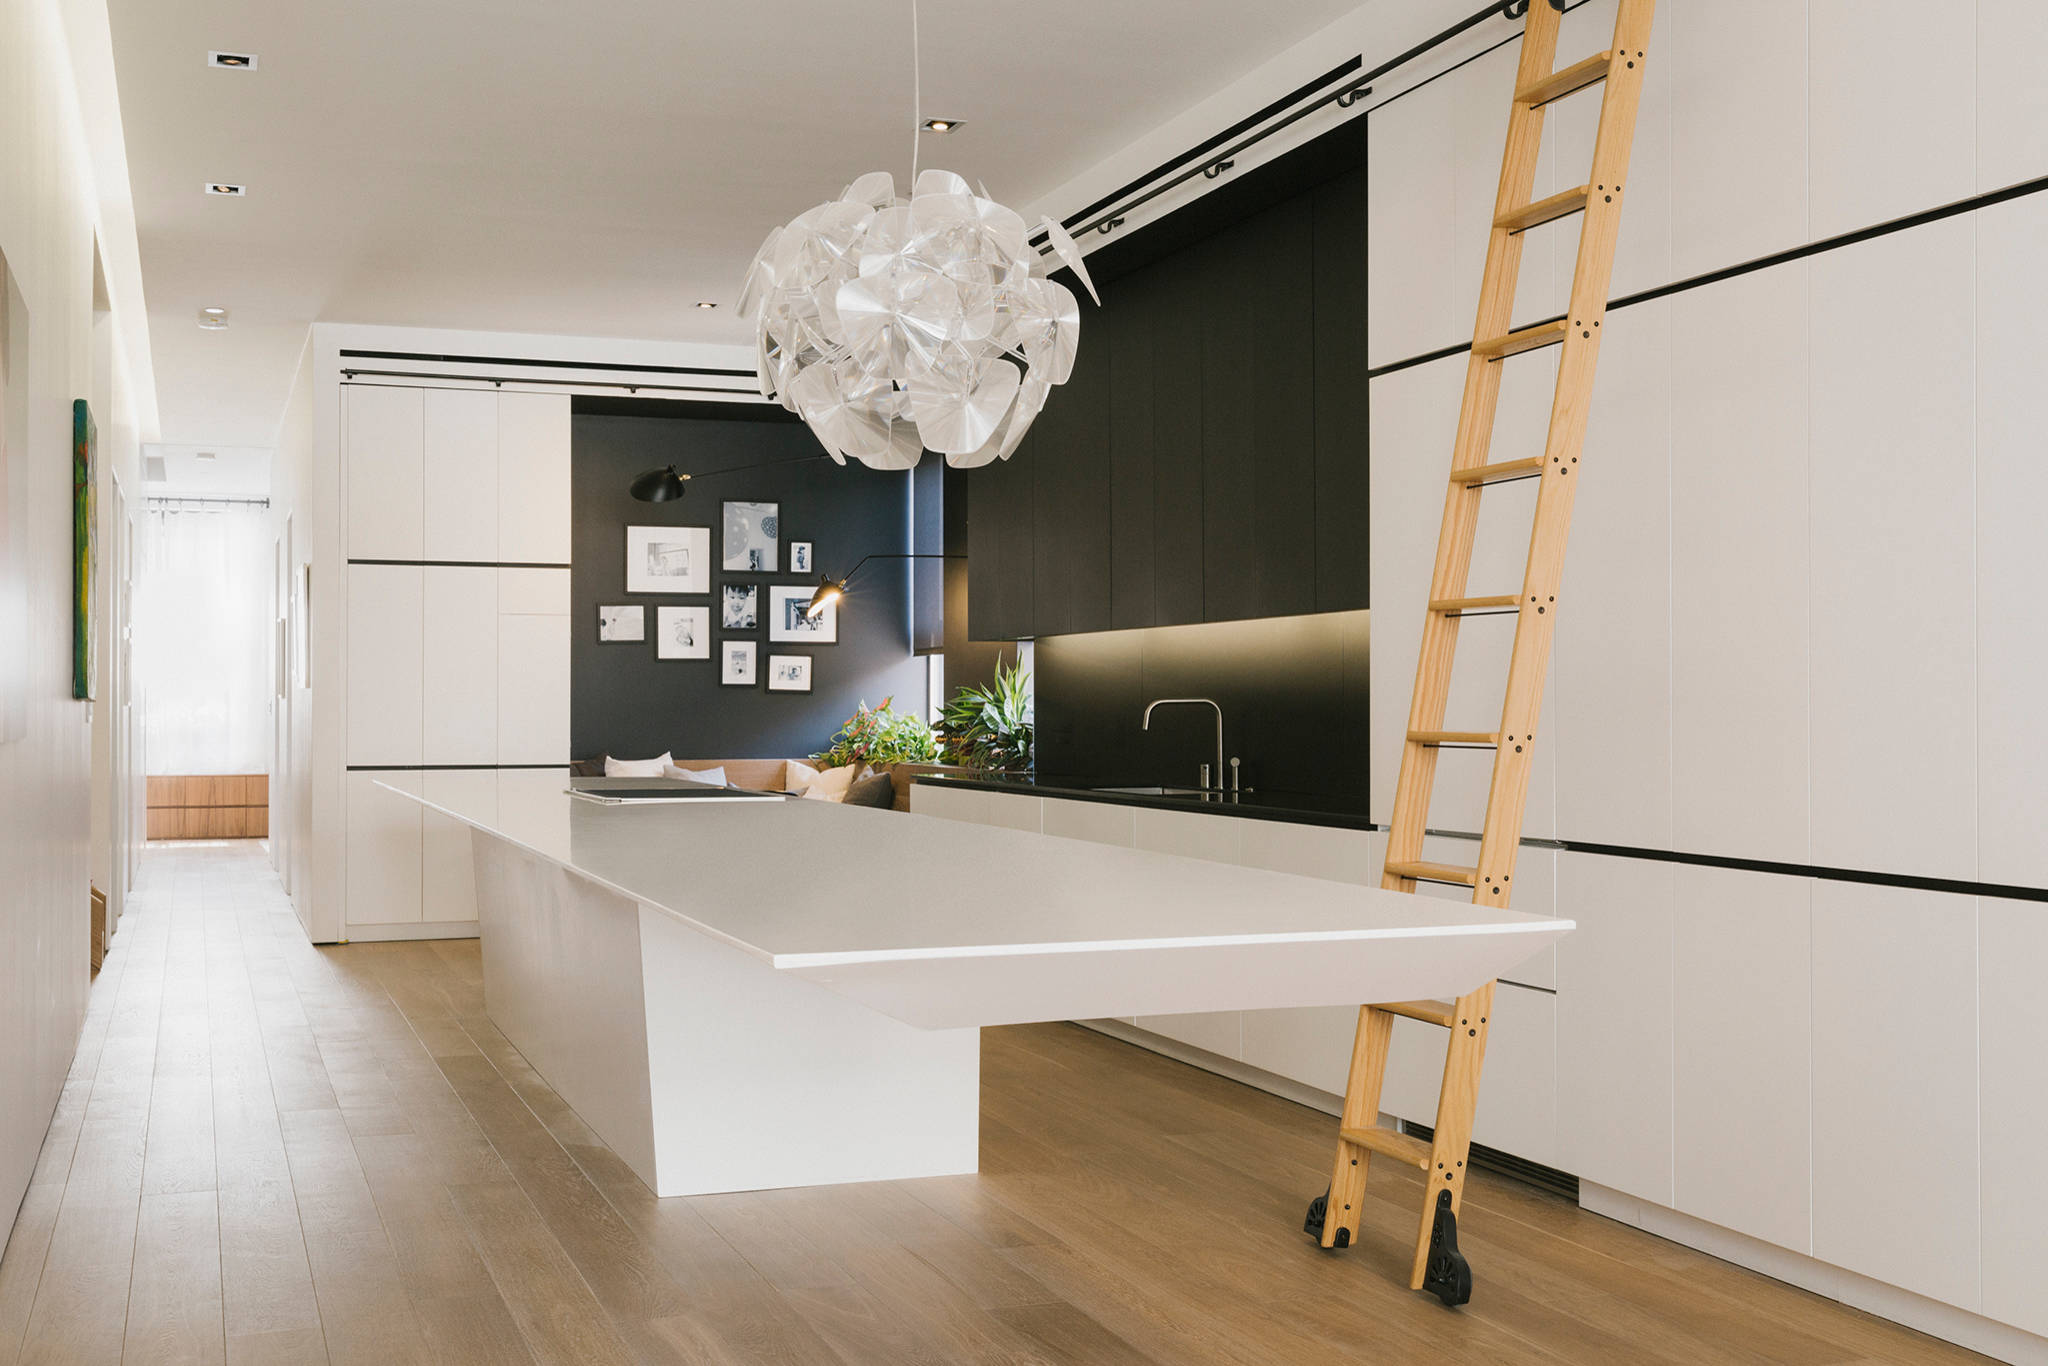 просторная гостиная с необычным бра на потолке